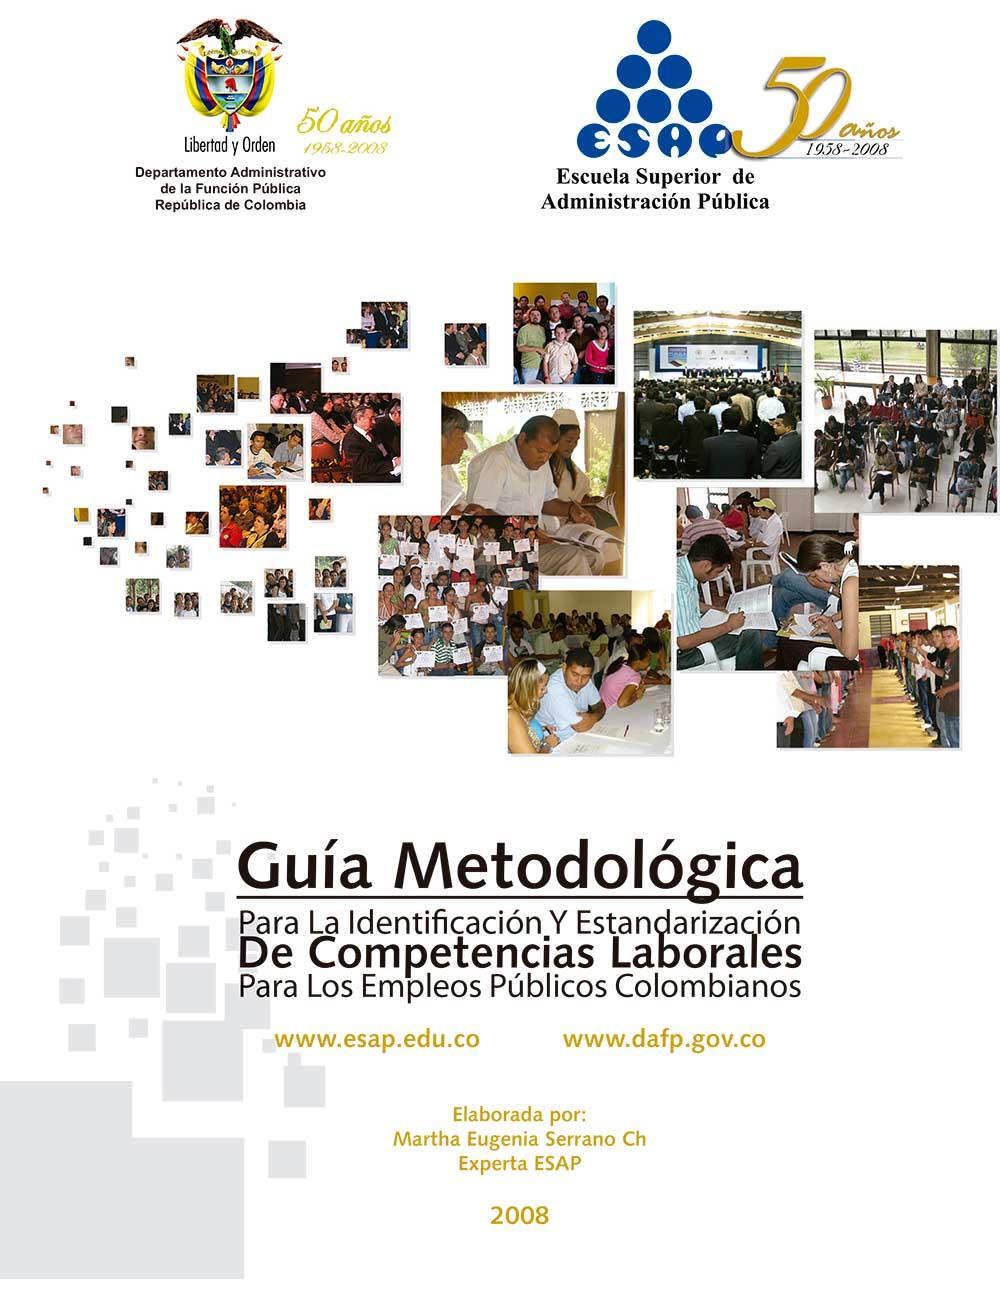 Guía Metodológica para la Identificación y Estandarización de Competencias Laborales para los Empleos Públicos Colombianos